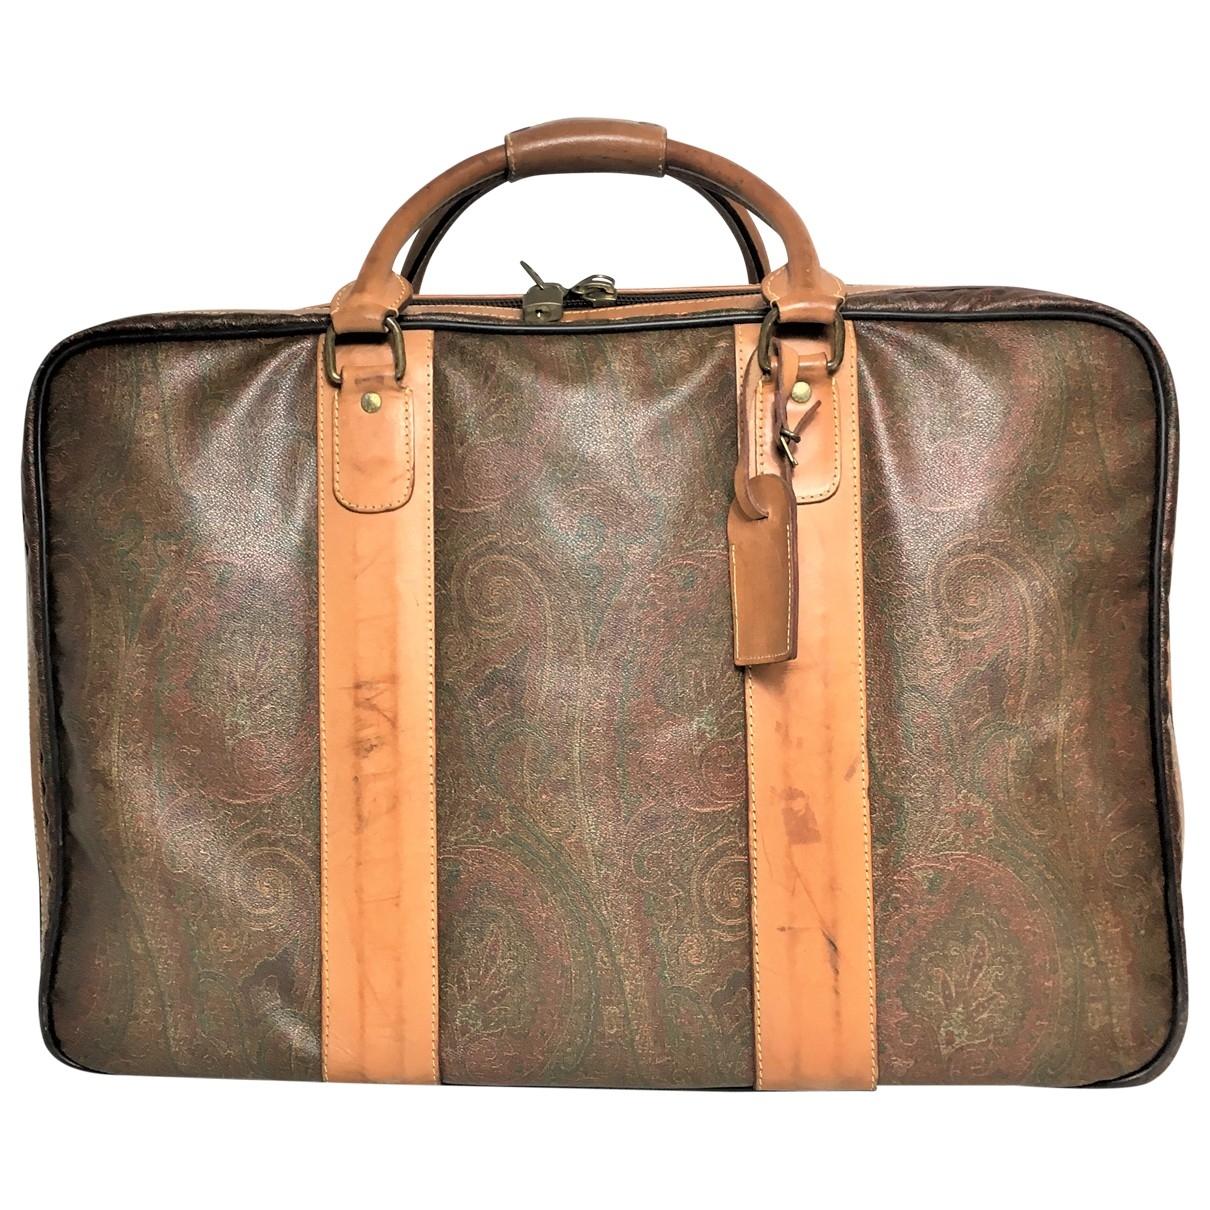 Etro \N Reisetasche in  Bunt Leder